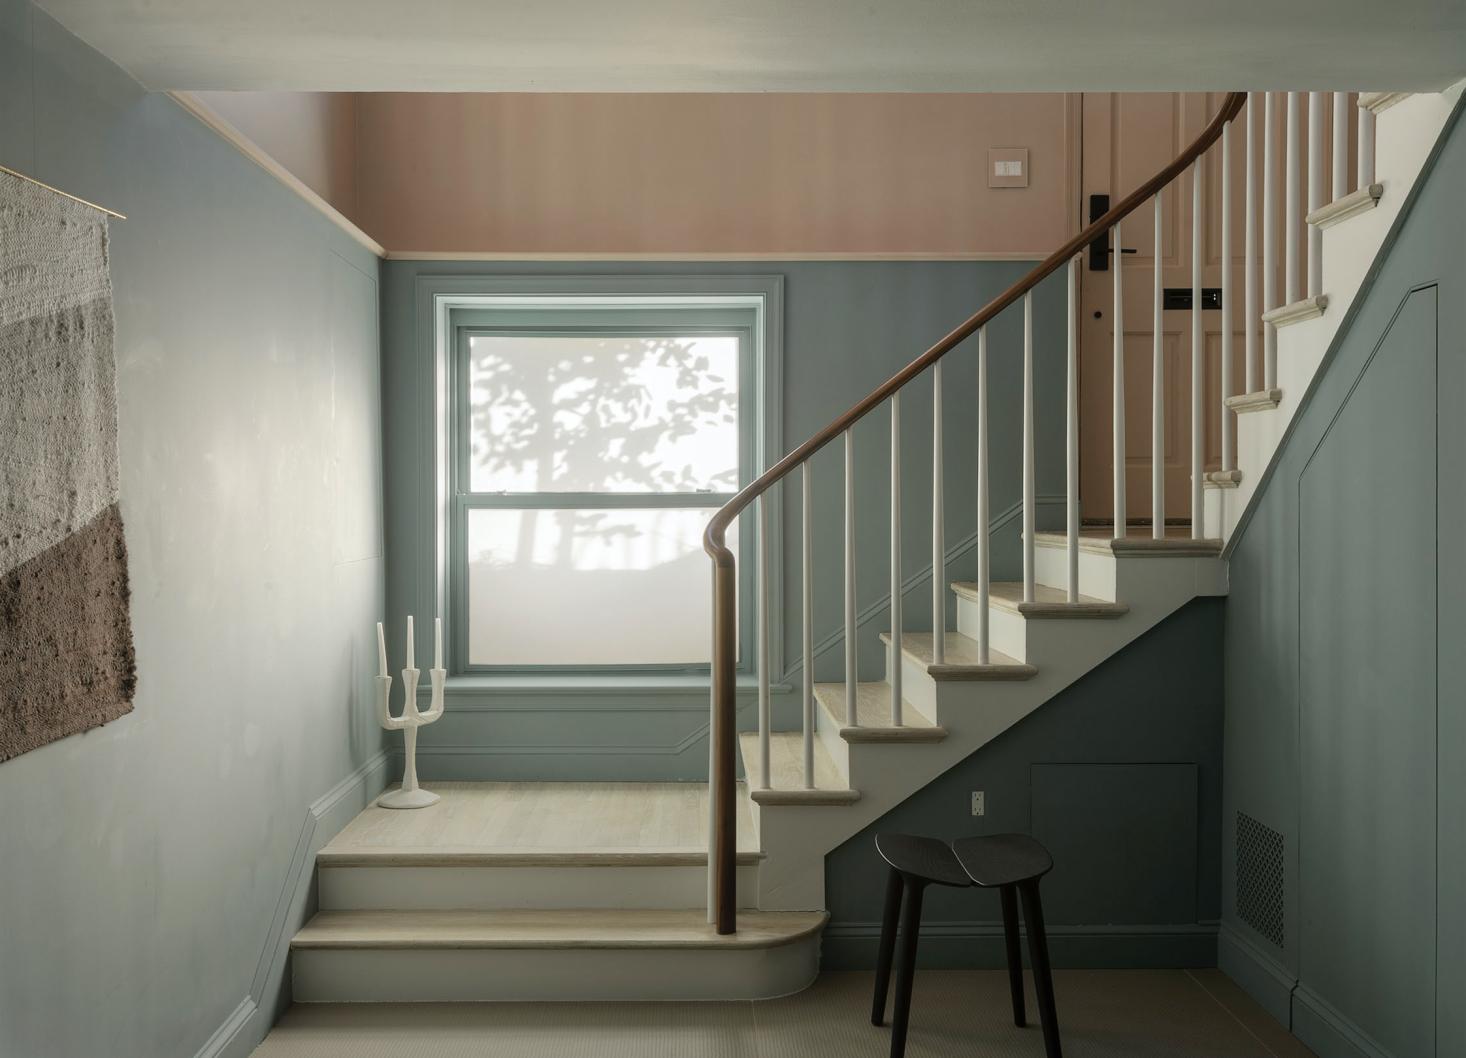 Design pur aux us madame d core for Brique interieur